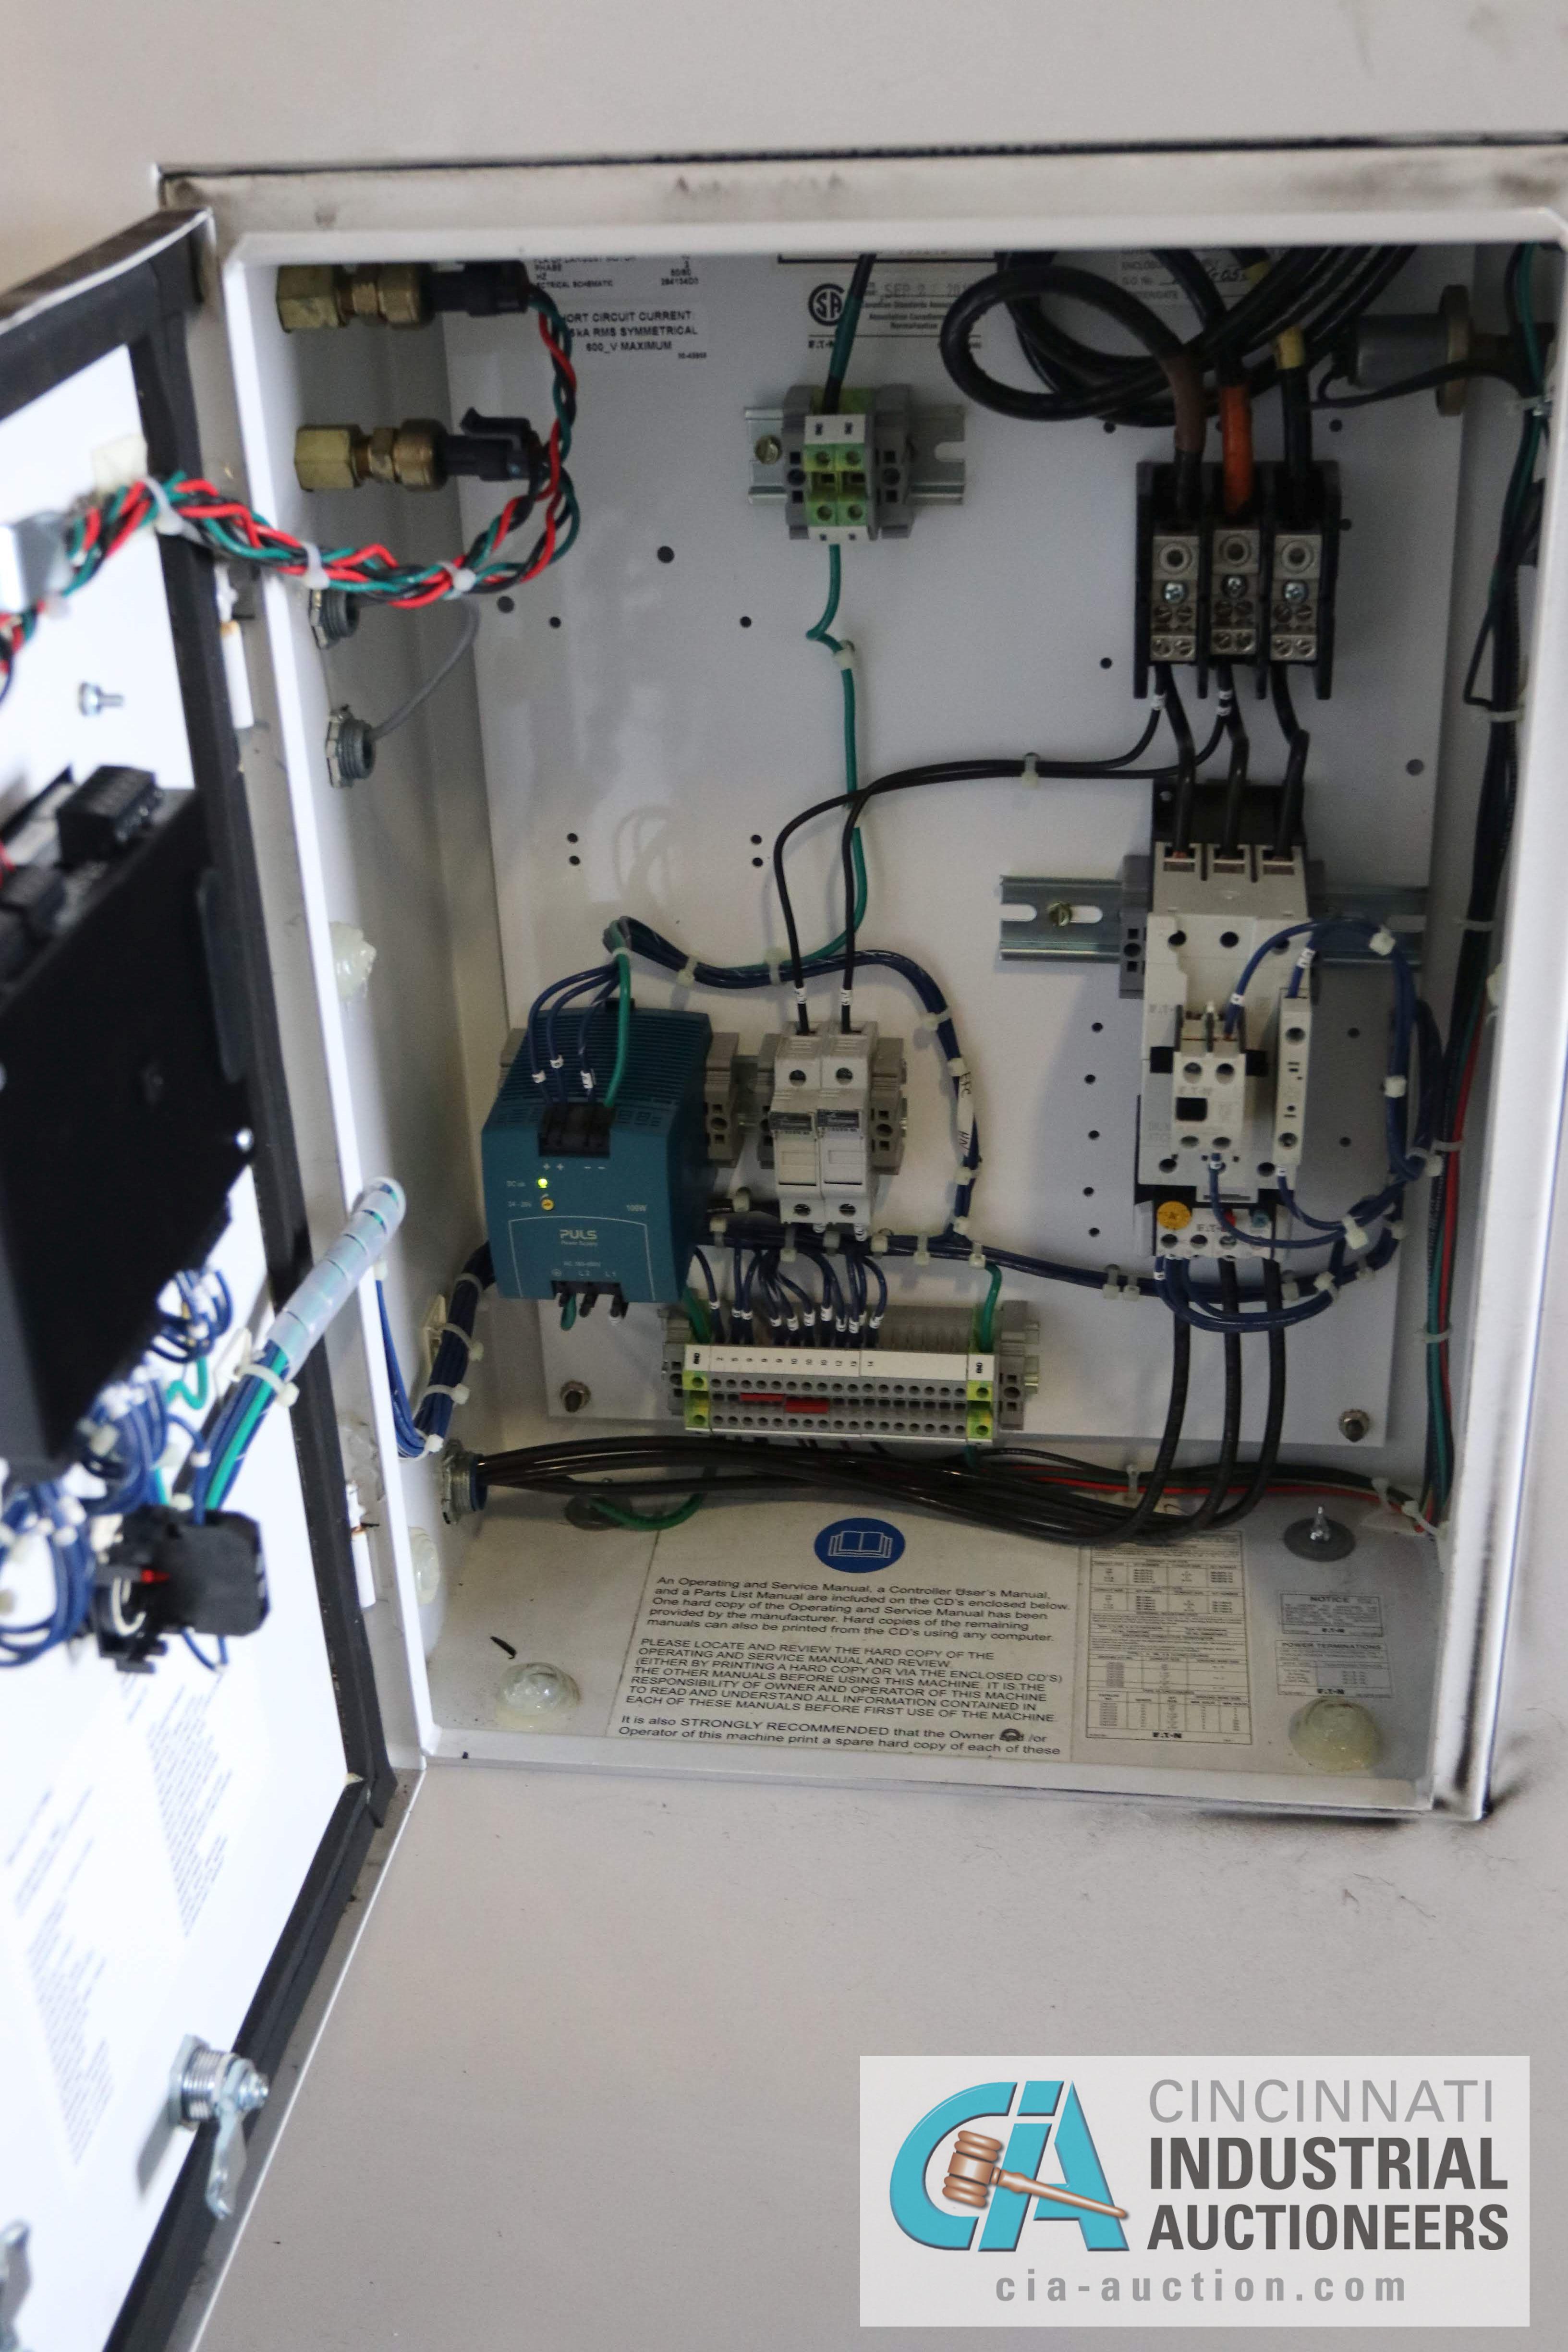 30 HP GARDNER DENVER MODEL EFC99J ROTARY SCREW AIR COMPRESSOR; 125 PSIG, 9,827 HOURS - $150.00 - Image 4 of 4